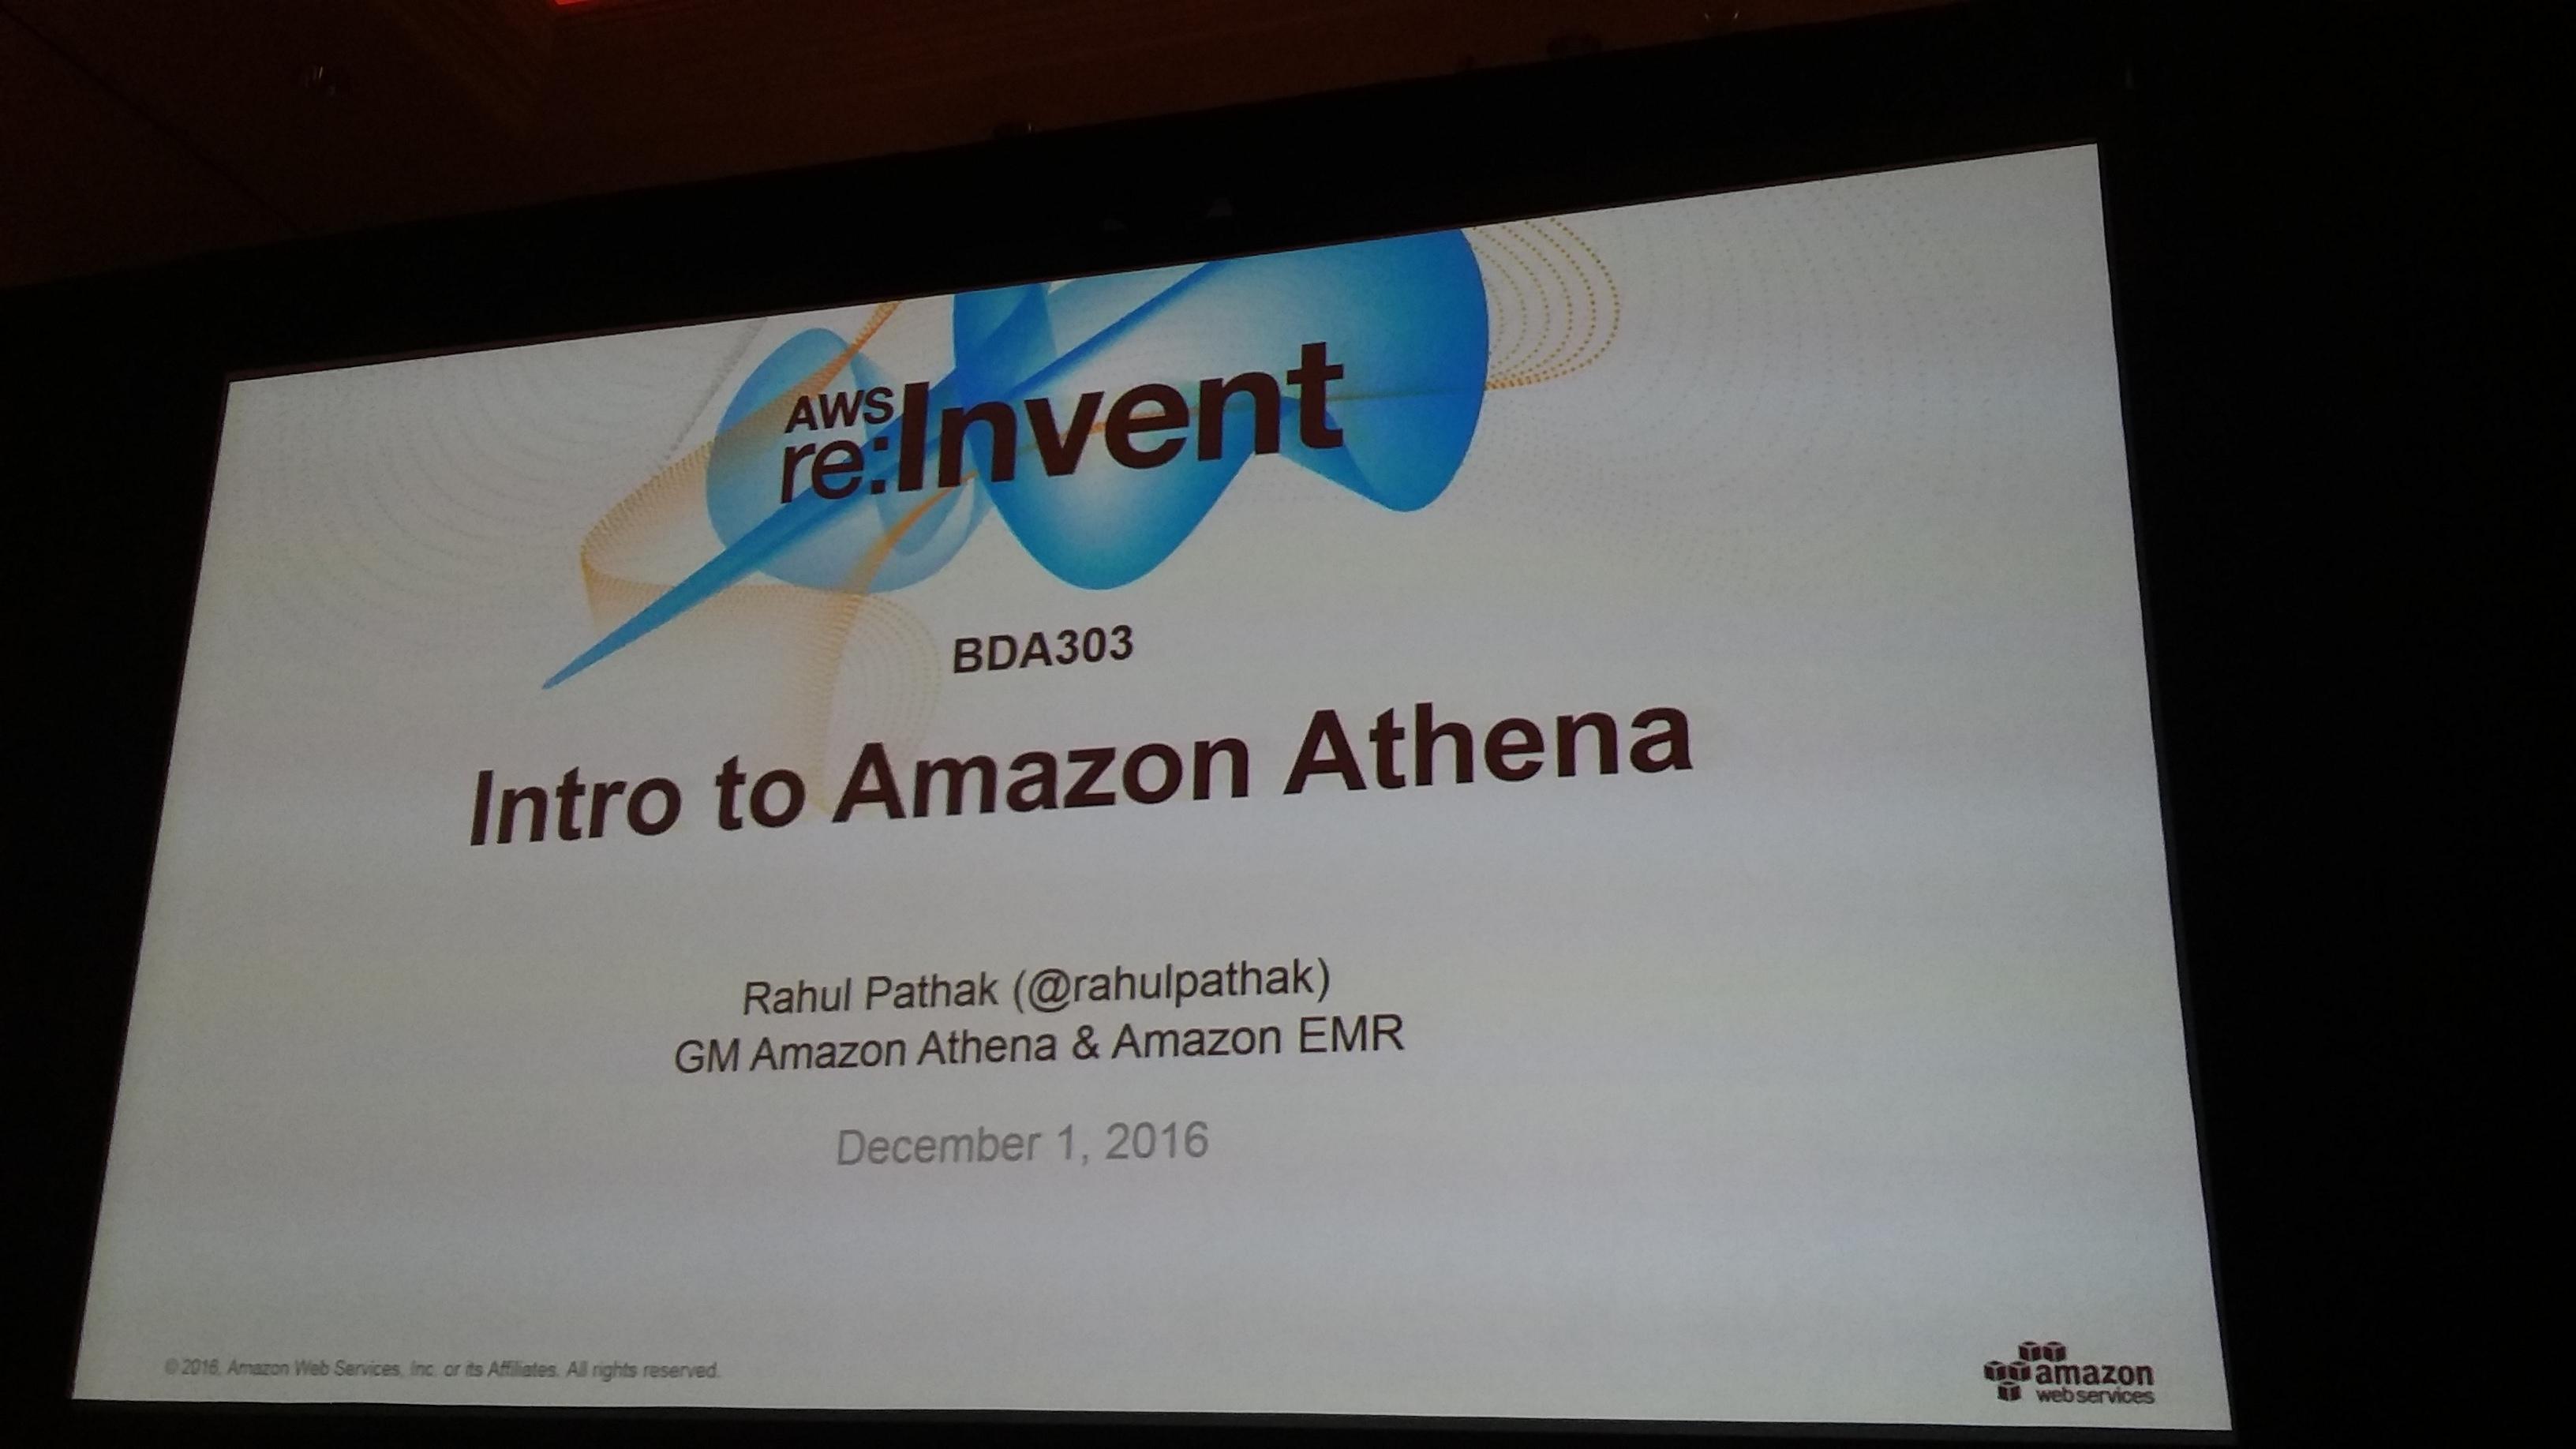 Intro to Amazon Athena (BDA303)